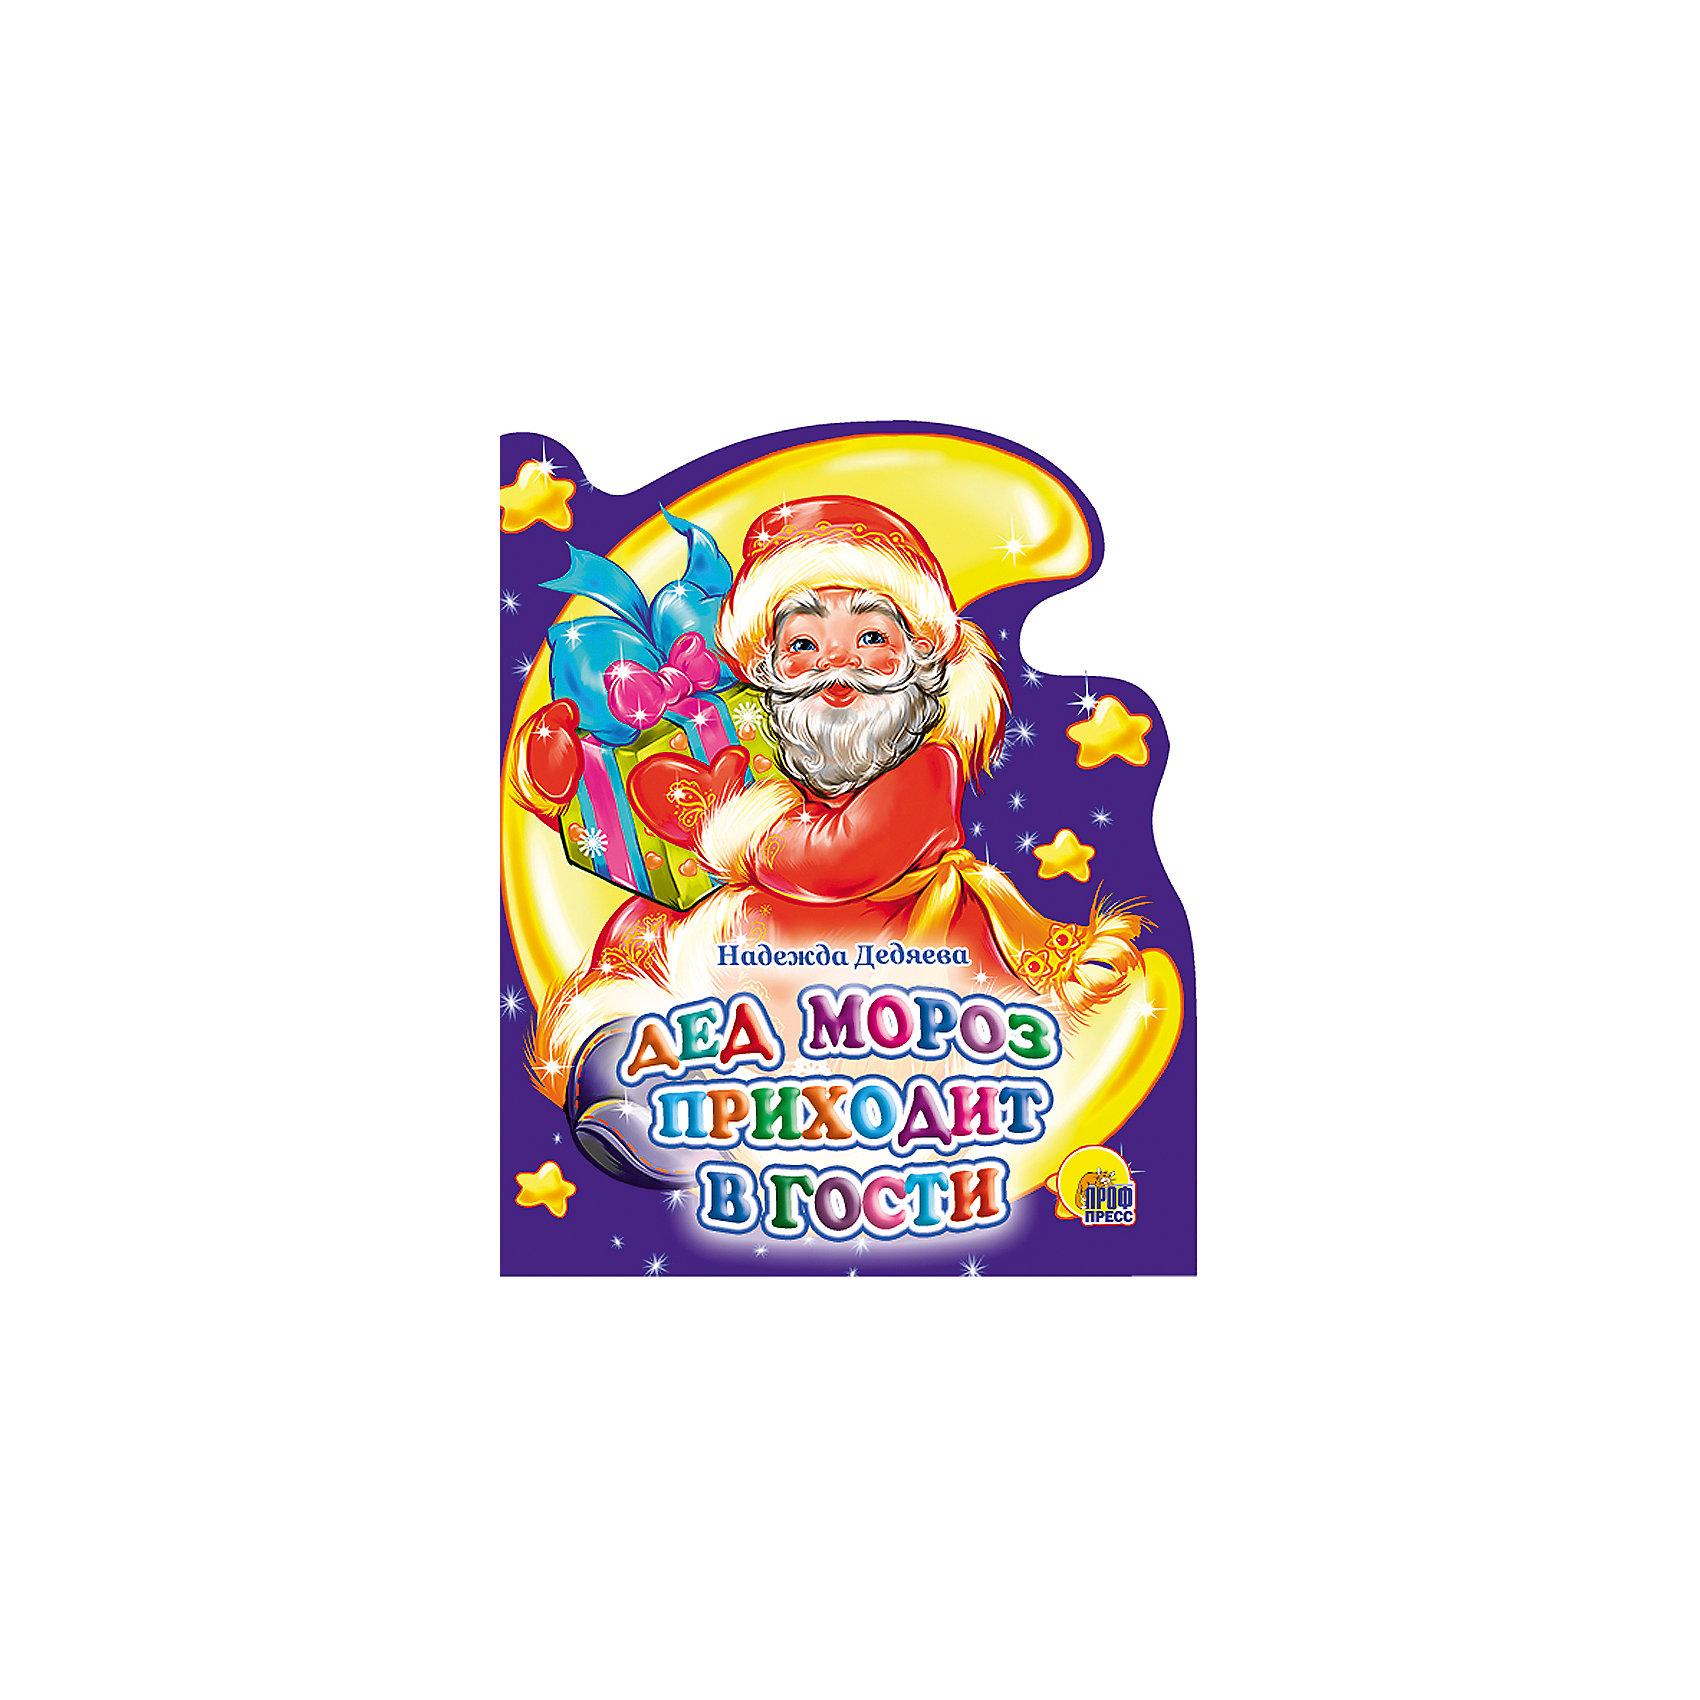 Проф-Пресс Книга с вырубкой Дед Мороз приходит в гости проф пресс проф пресс вырубка добрый дедушка мороз